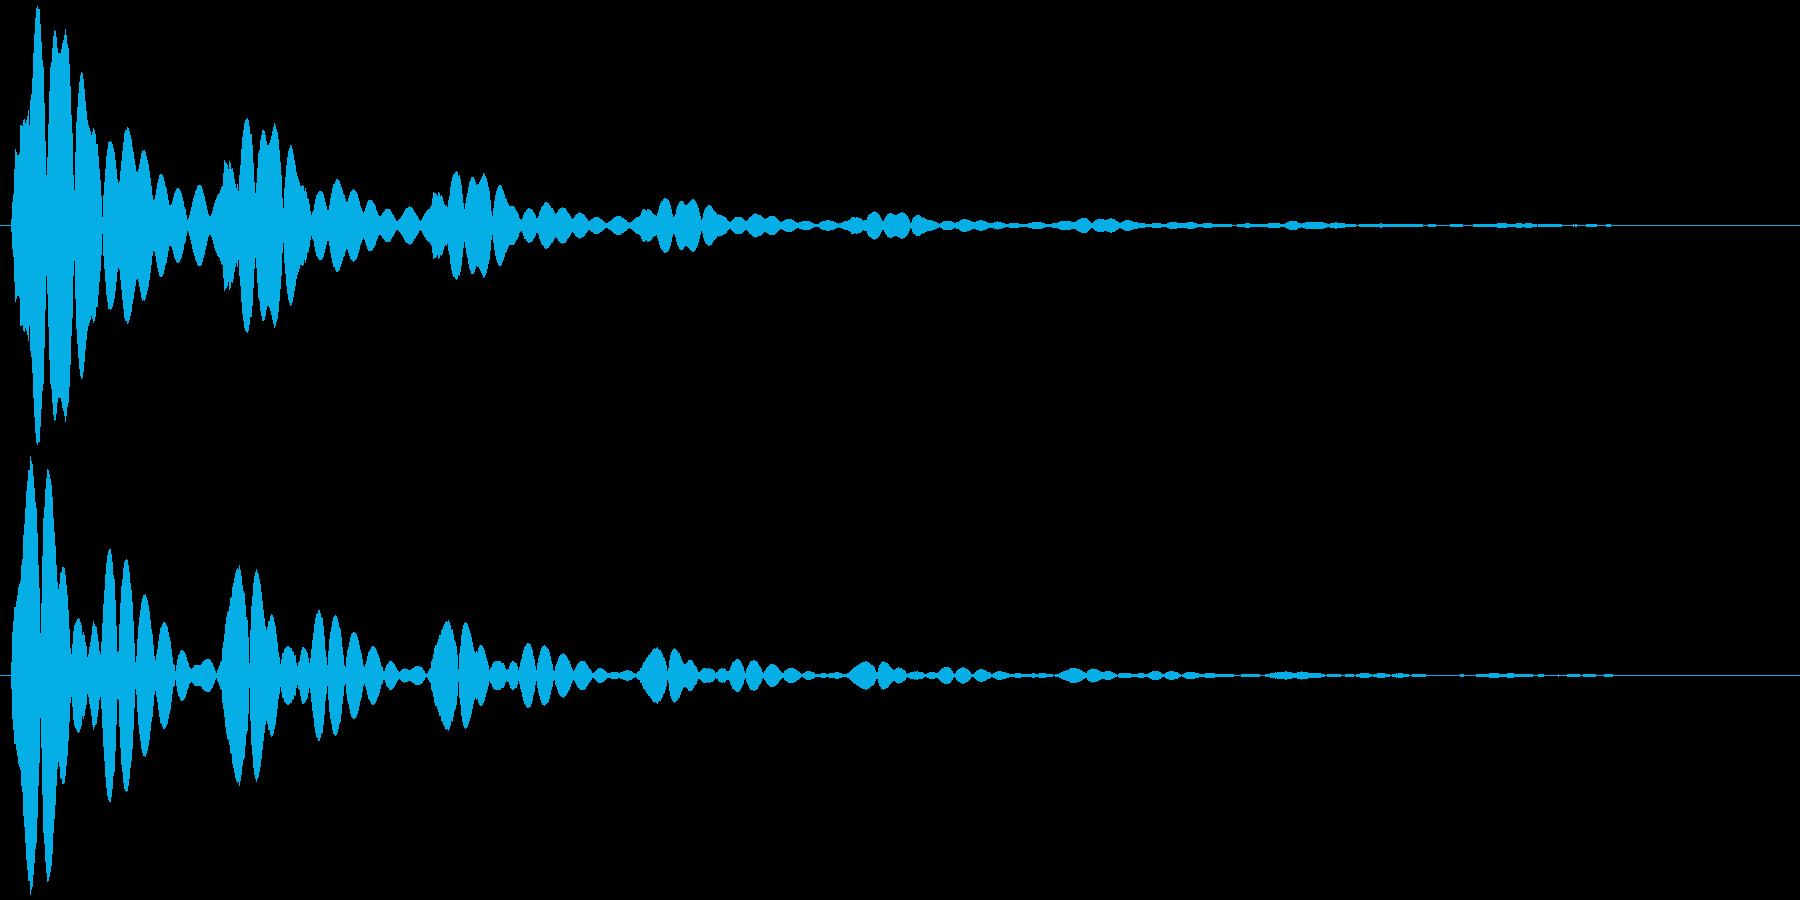 ソナー (戦闘艦、潜水艦等) ポォォン…の再生済みの波形